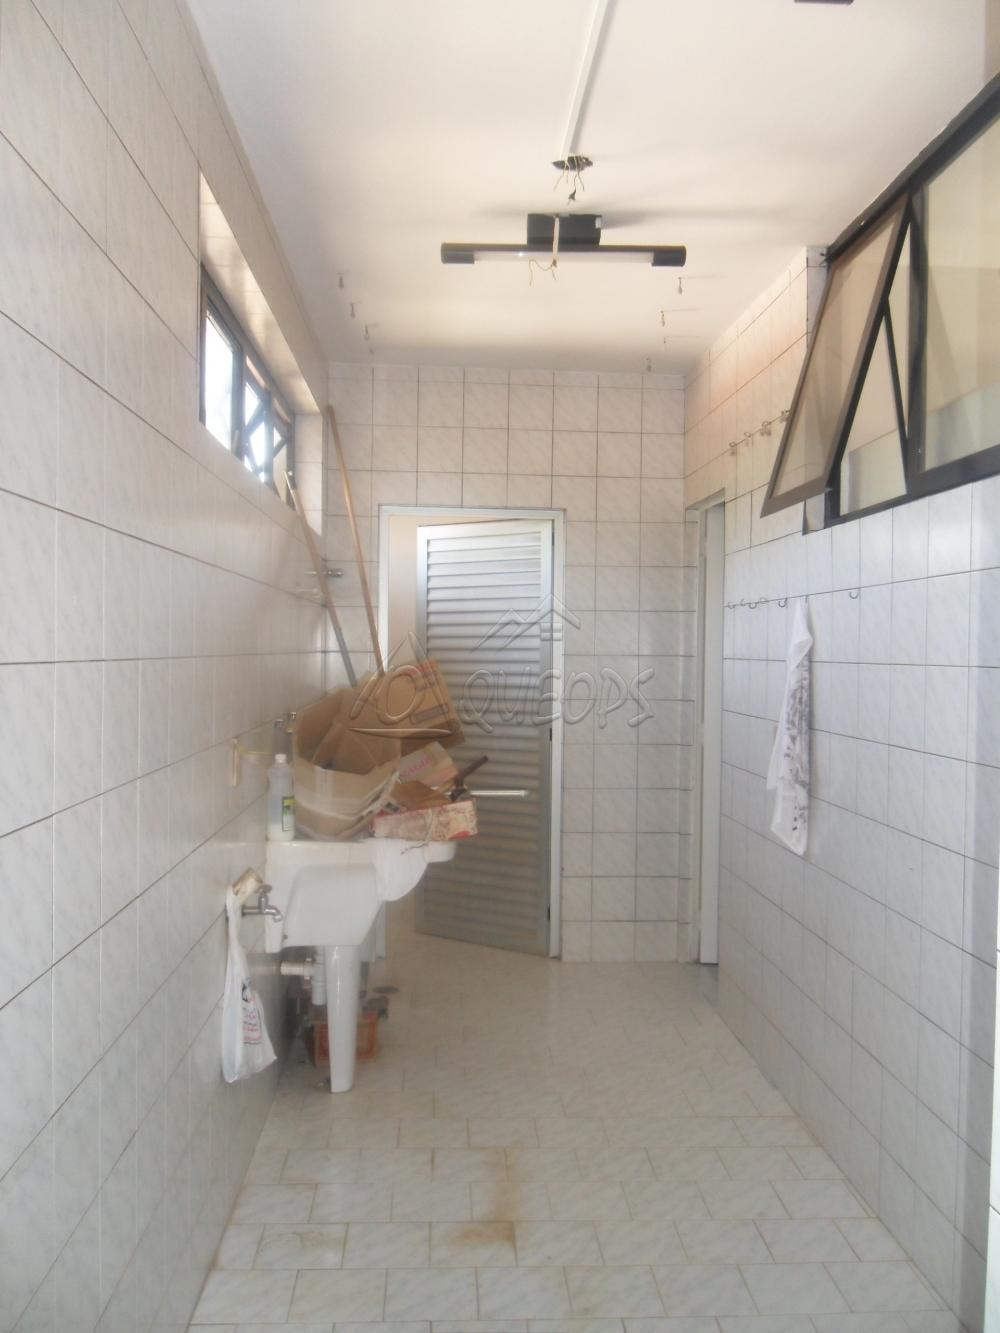 Comprar Apartamento / Padrão em Barretos apenas R$ 680.000,00 - Foto 21